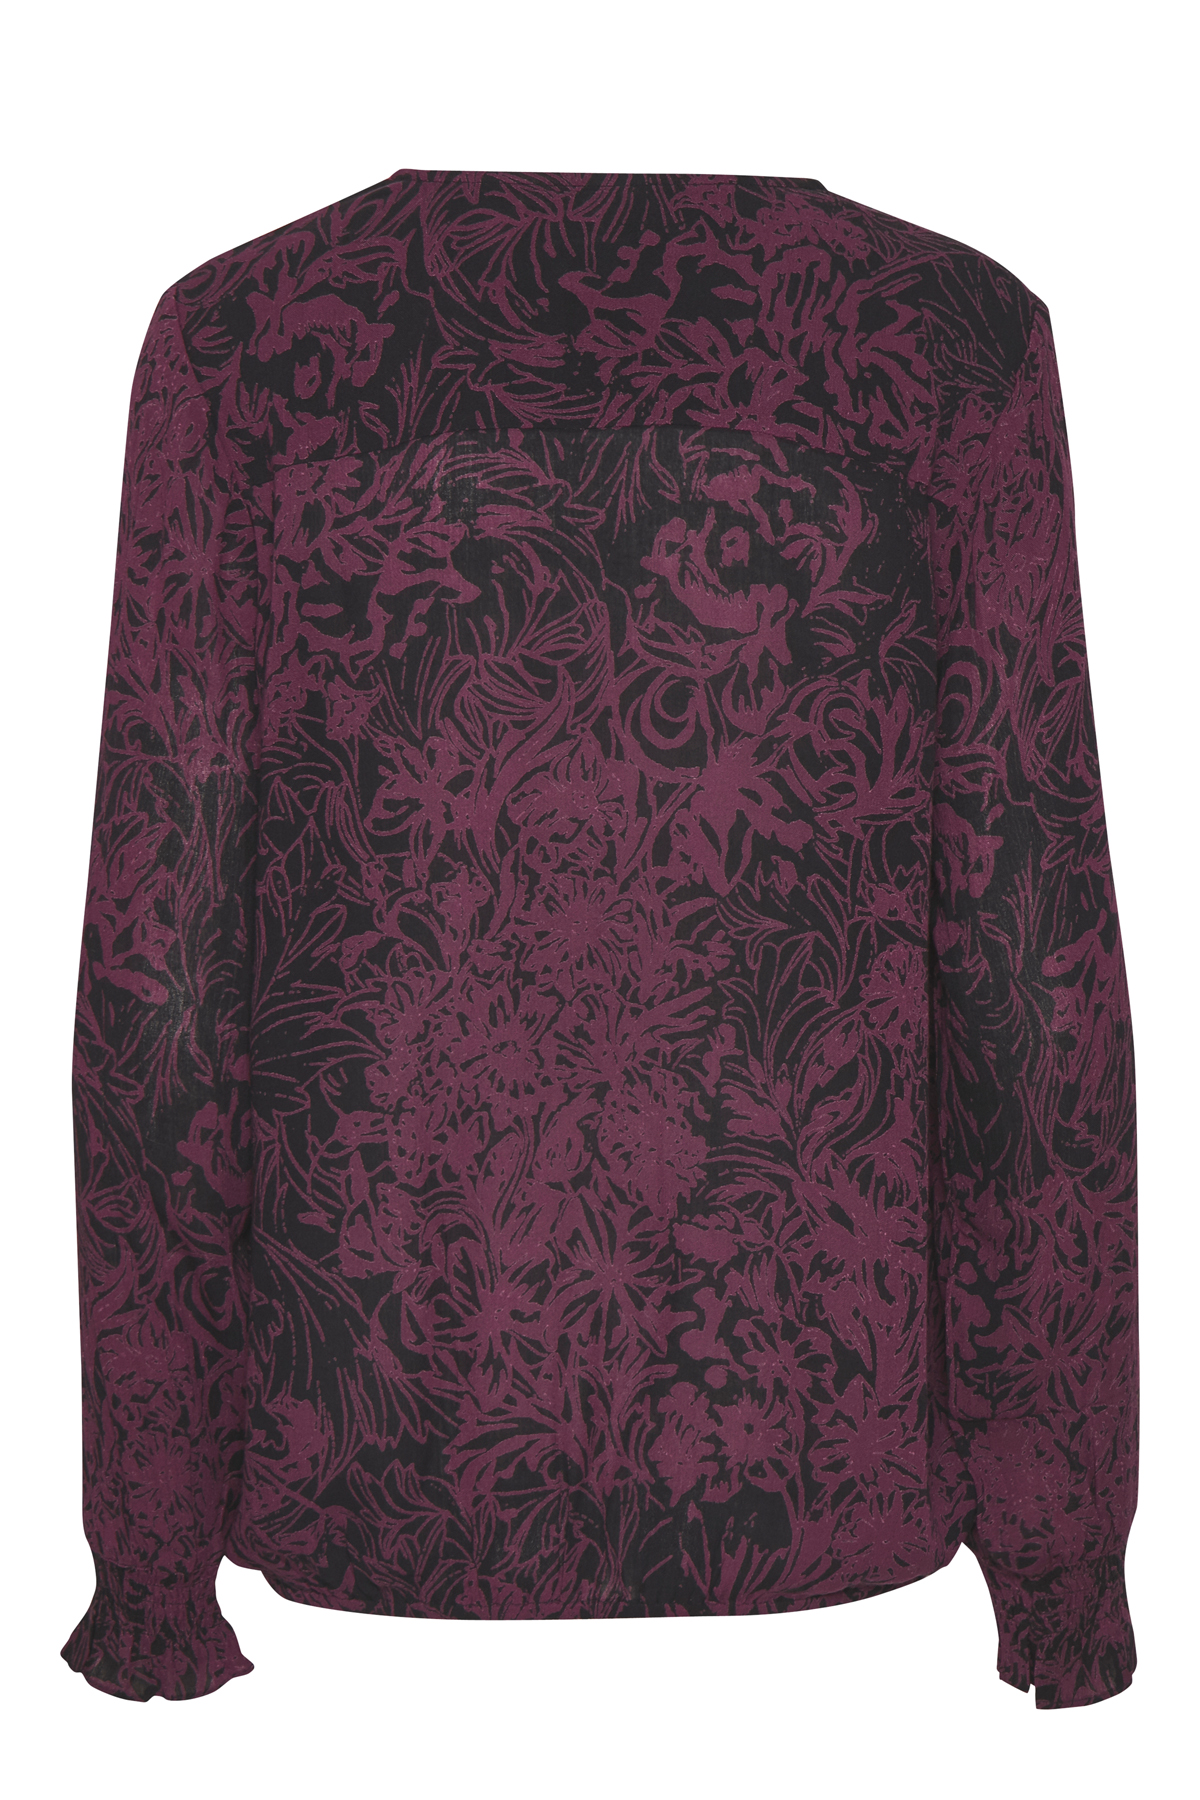 Mørk lilla/sort Langærmet bluse fra Kaffe – Køb Mørk lilla/sort Langærmet bluse fra str. 34-46 her